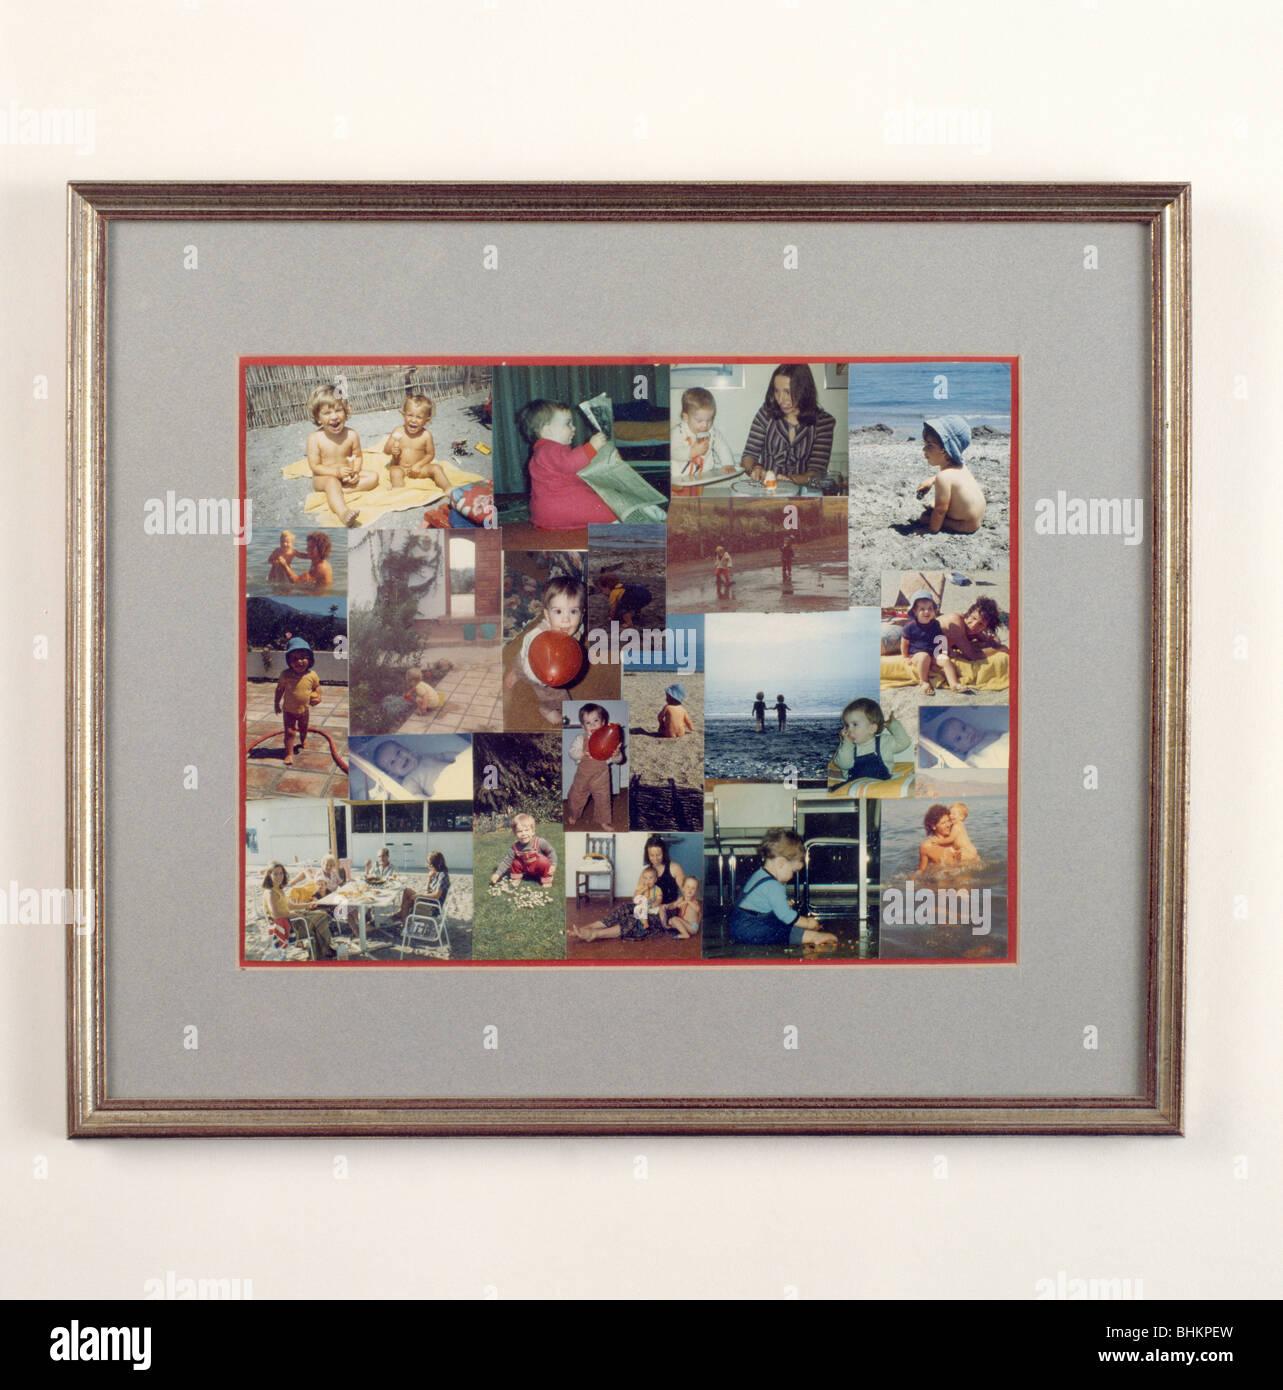 Unglaublich Collage Ideen Galerie Von Fantastisch Gerahmte - Benutzerdefinierte Bilderrahmen .